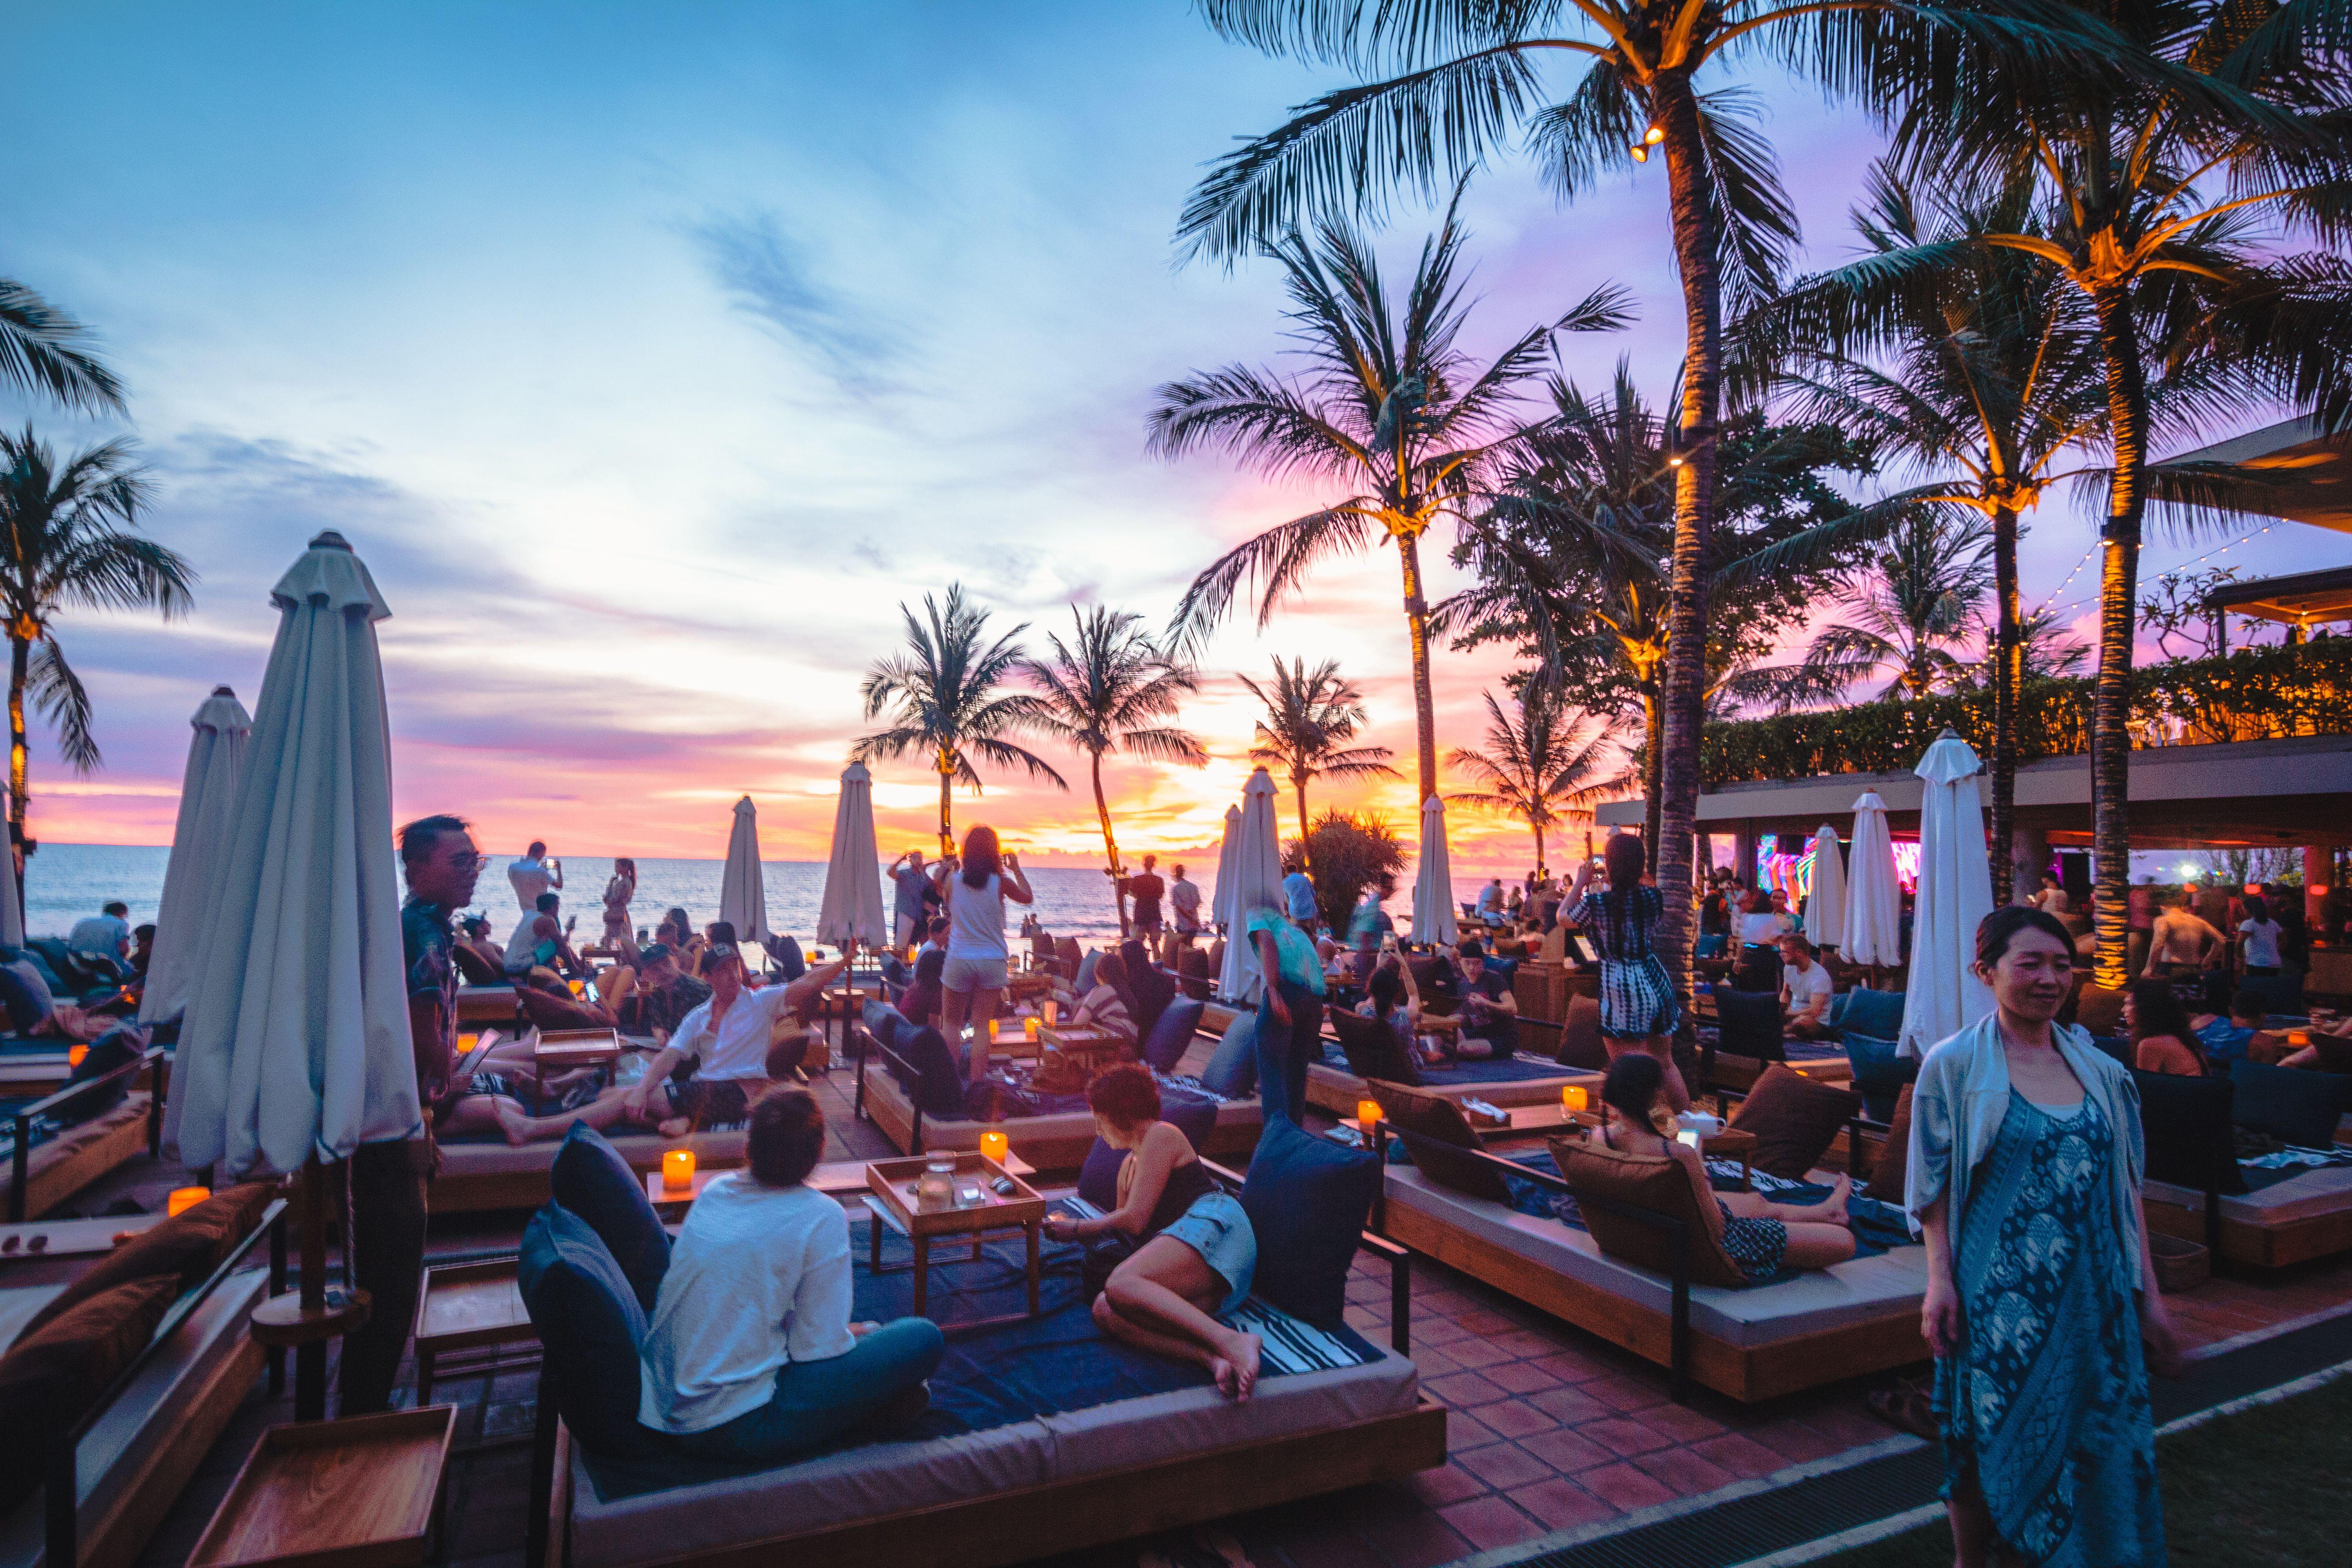 Potato Head Beach Club Bali The